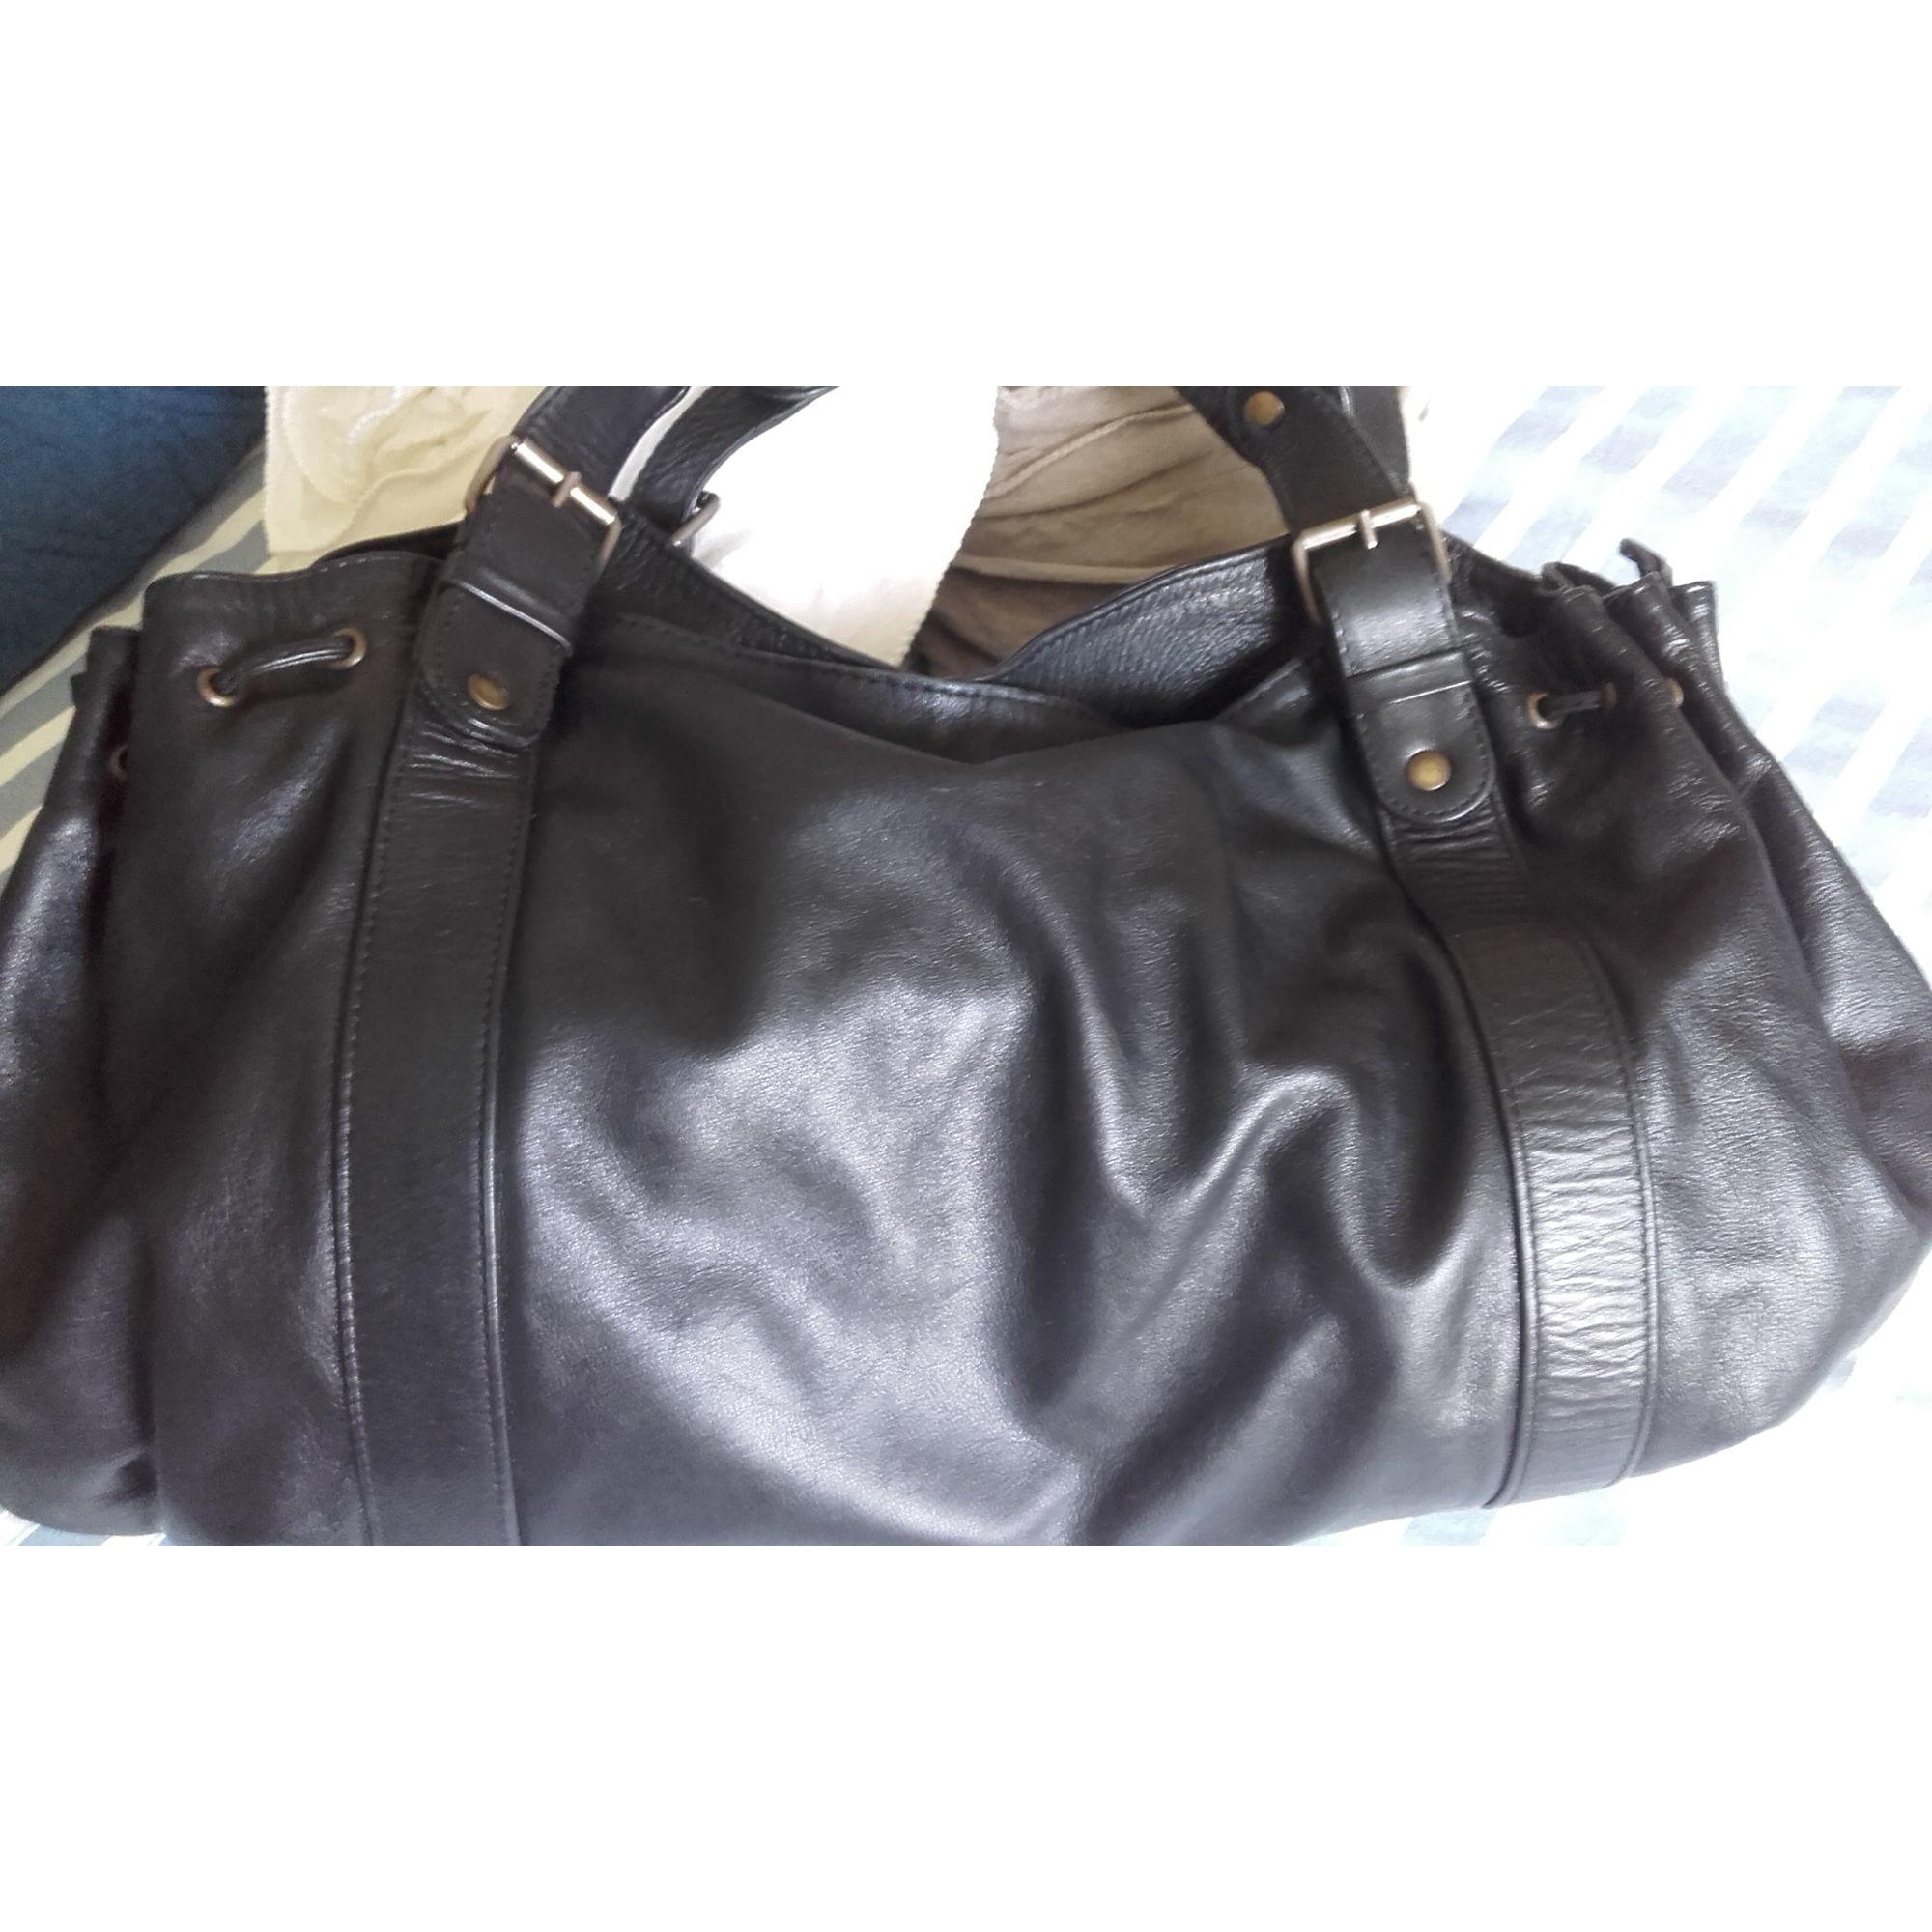 Sac XL en cuir GERARD DAREL 36H noir vendu par Verlhac 3 - 8080244 9b4607d25e64